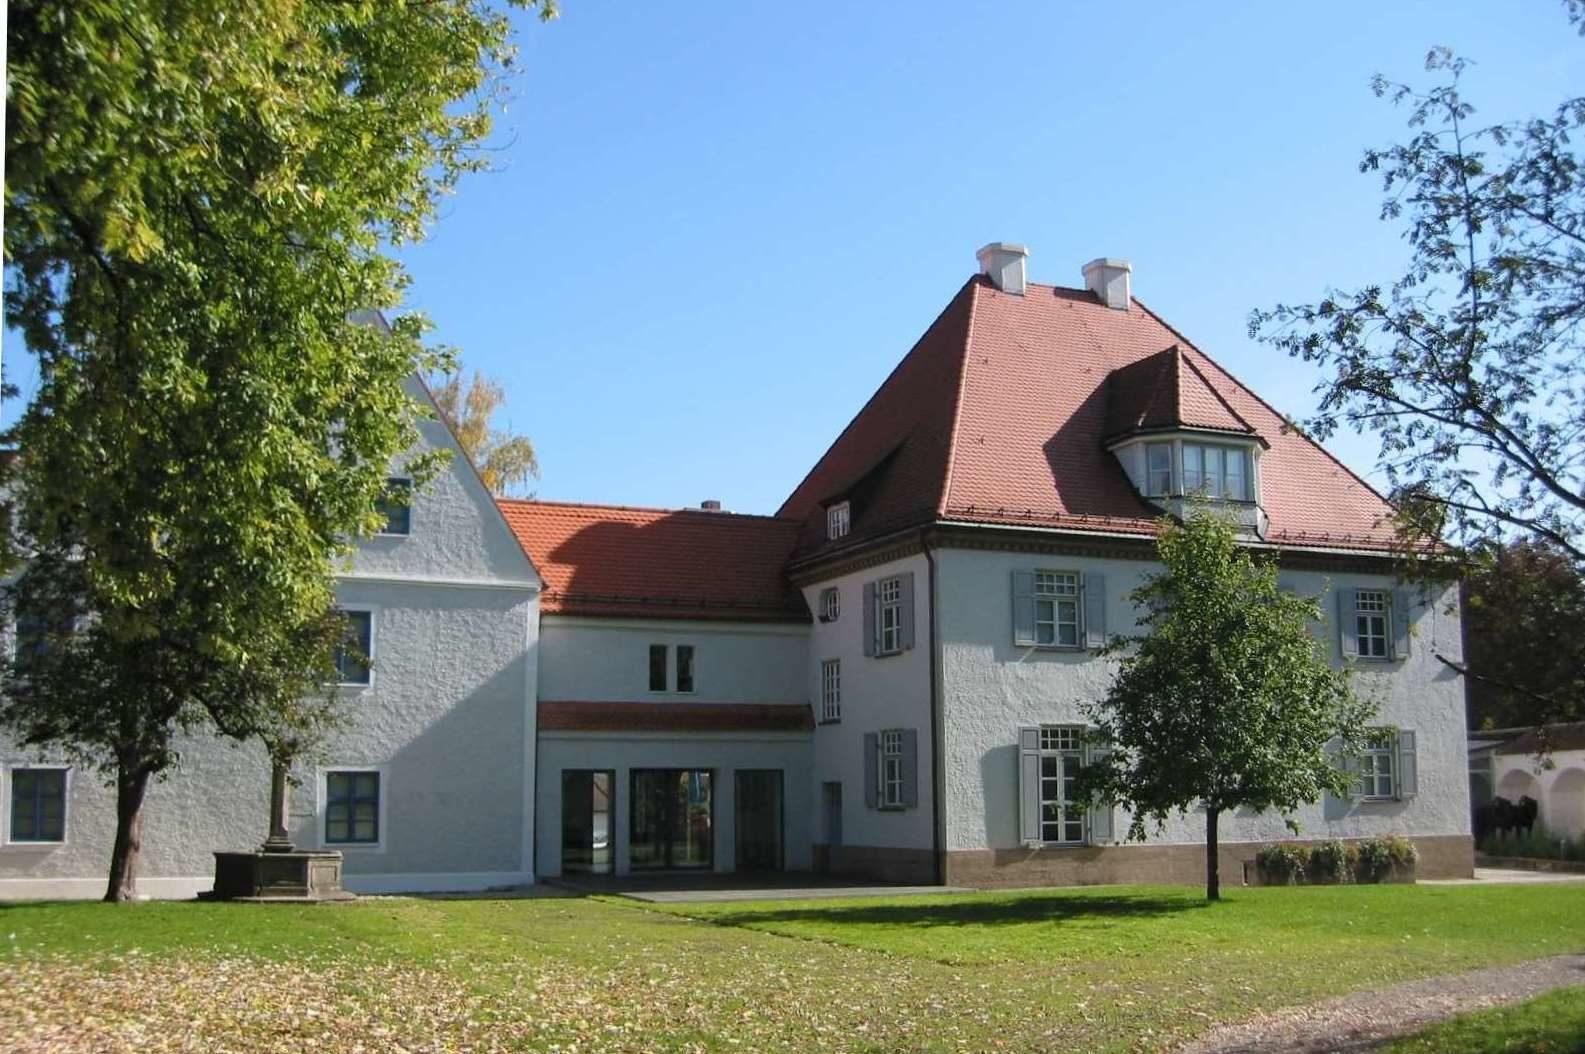 Pflegschloss in Schrobenhausen